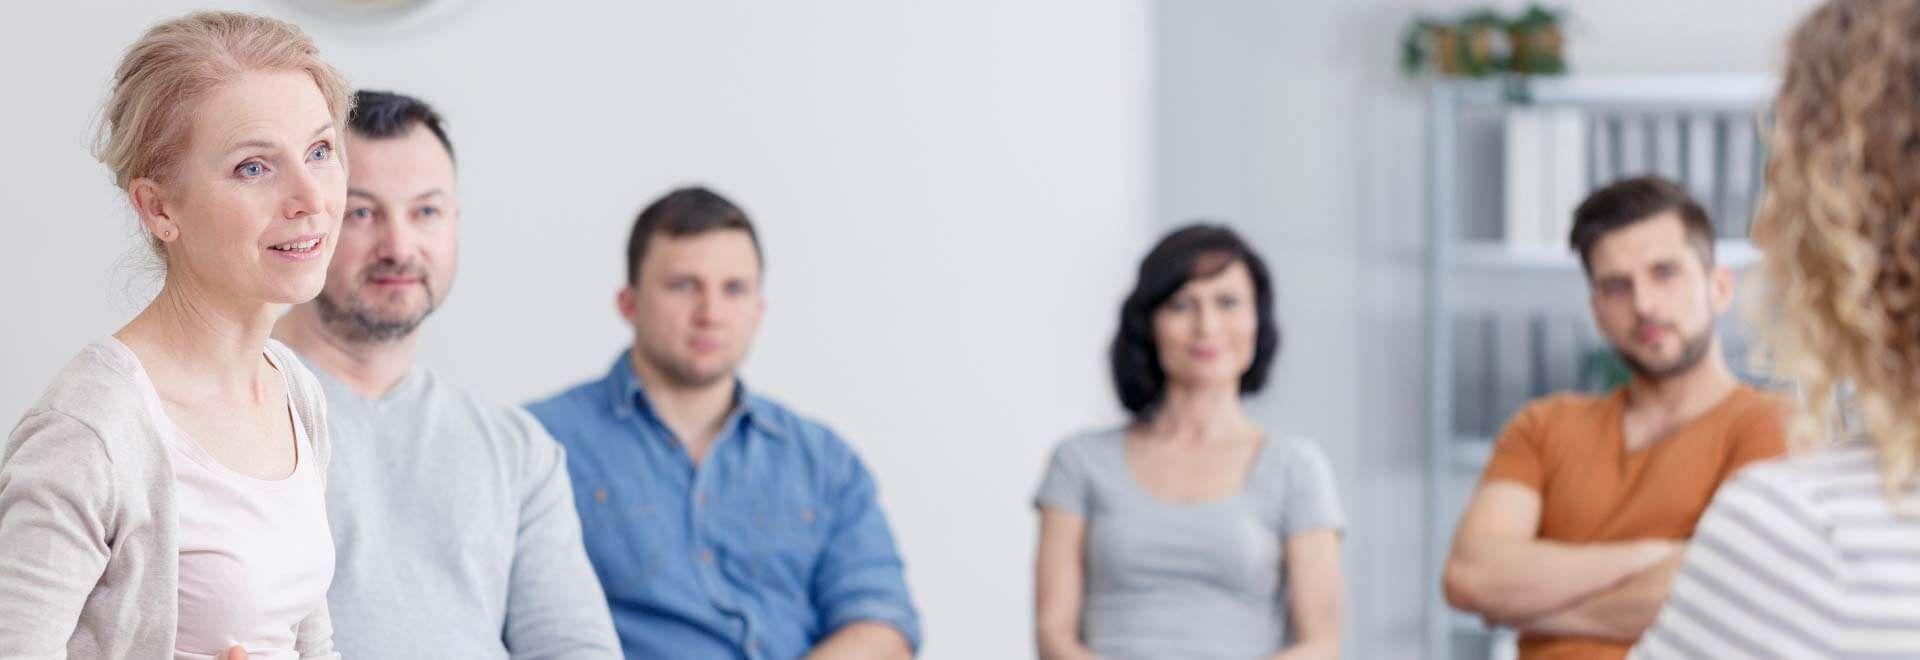 Klienten in einer Gruppentherapie